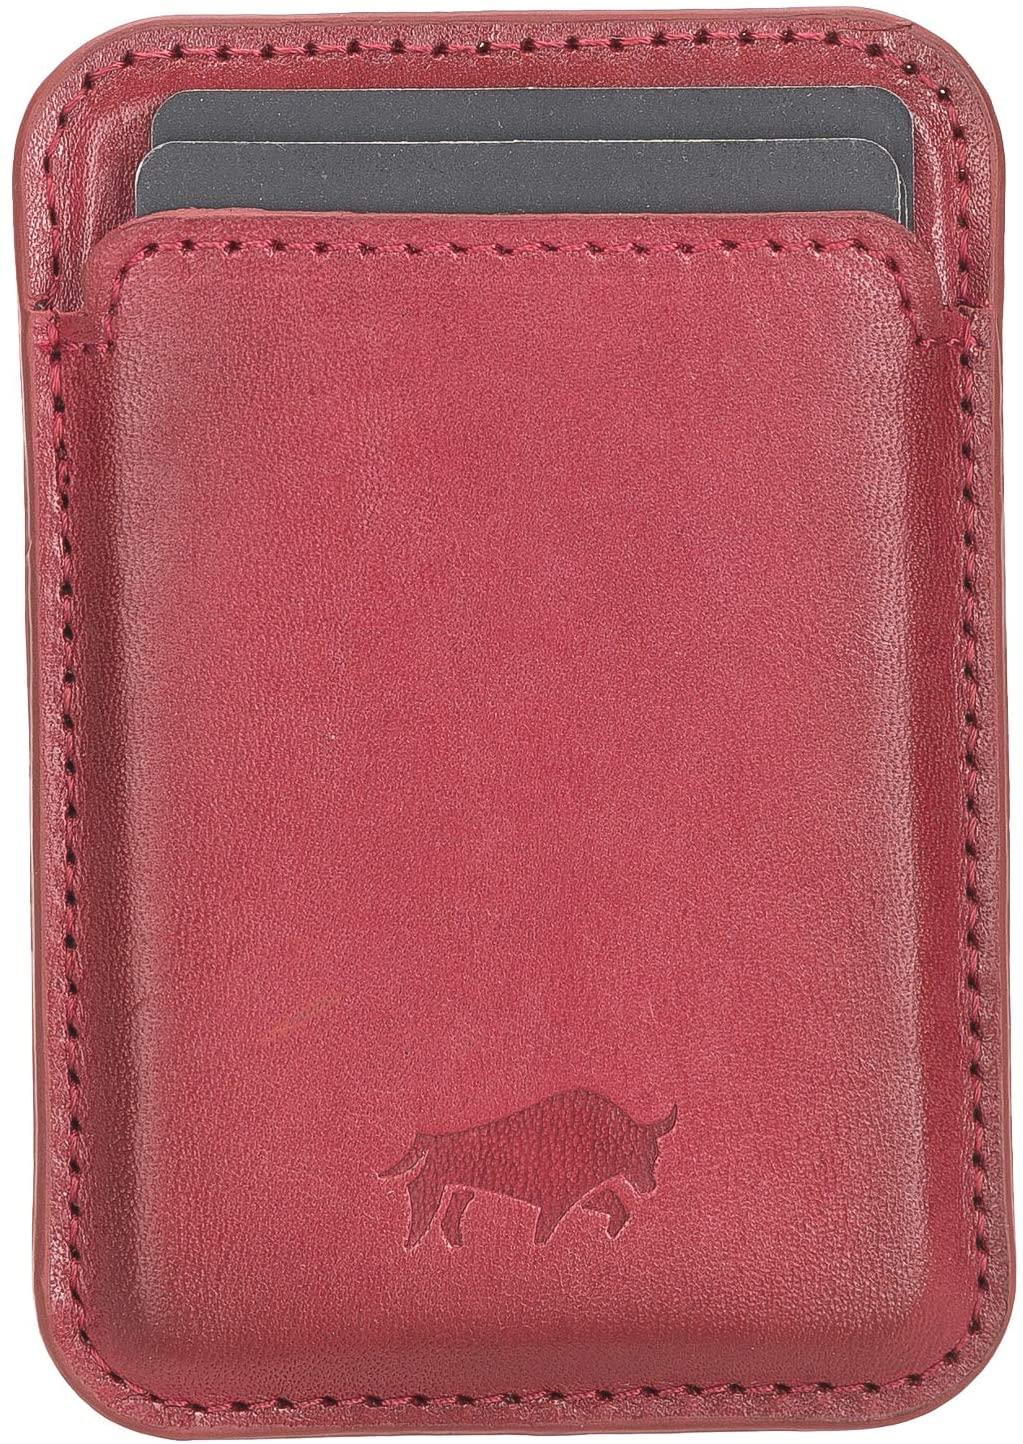 Magnetische Geldbörse (Magsafe) Für verschiedene Lederhüllen von Solo Pelle kompatibel kompatibe (Rot)